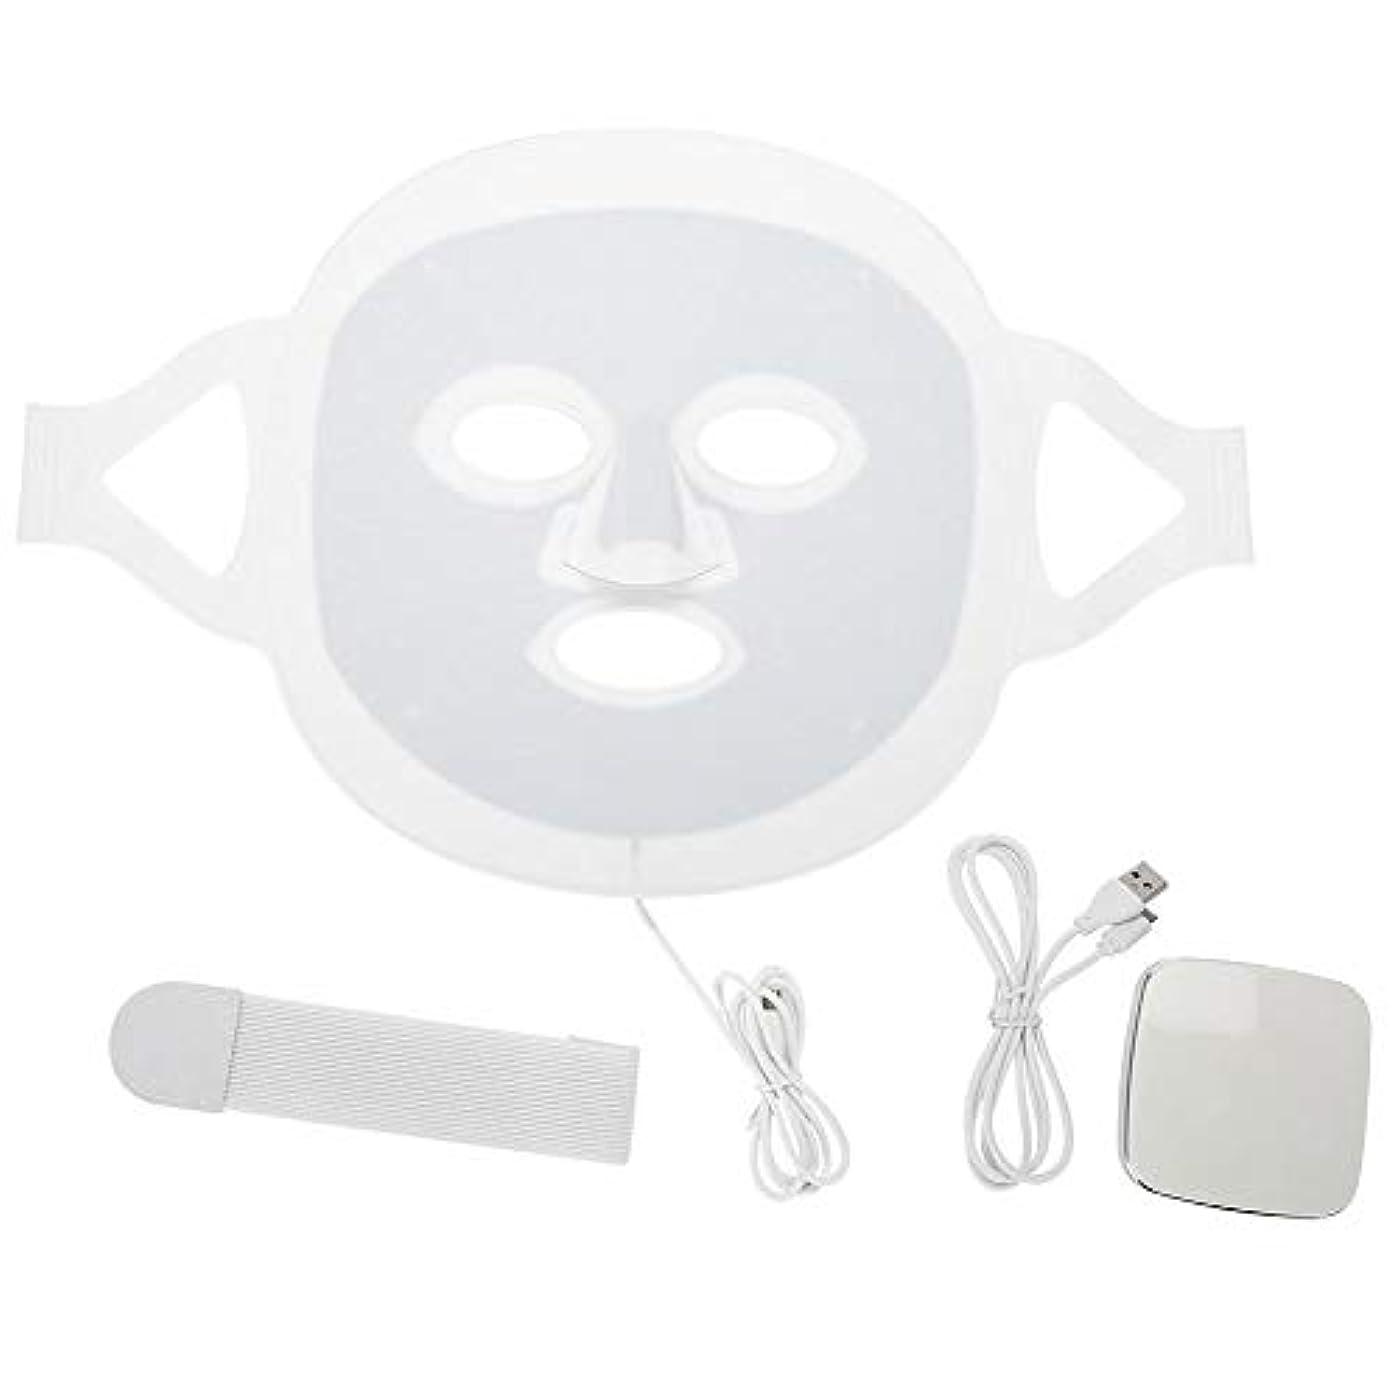 最も早い抵抗いいねLEDマスク3色LEDライトフォトンフェイスマスク肌のより良いにきび除去肌美容機器